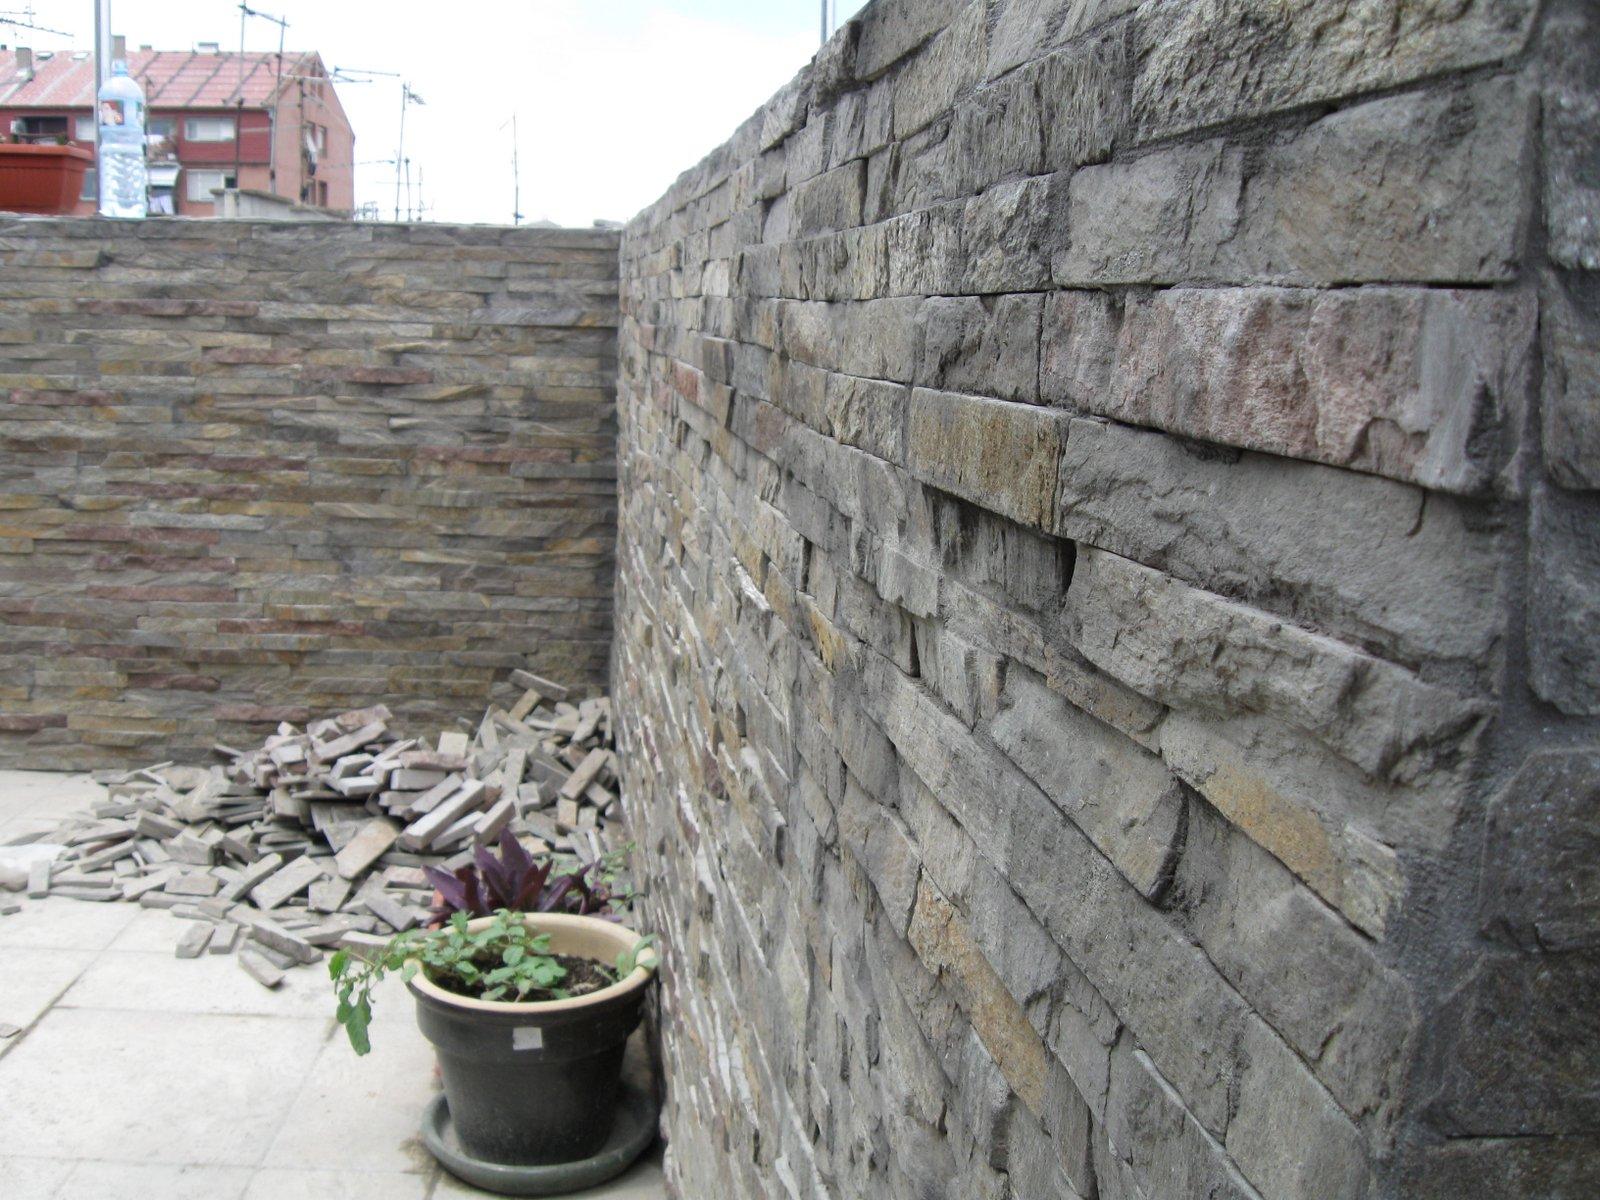 Ograde od kamena (15)